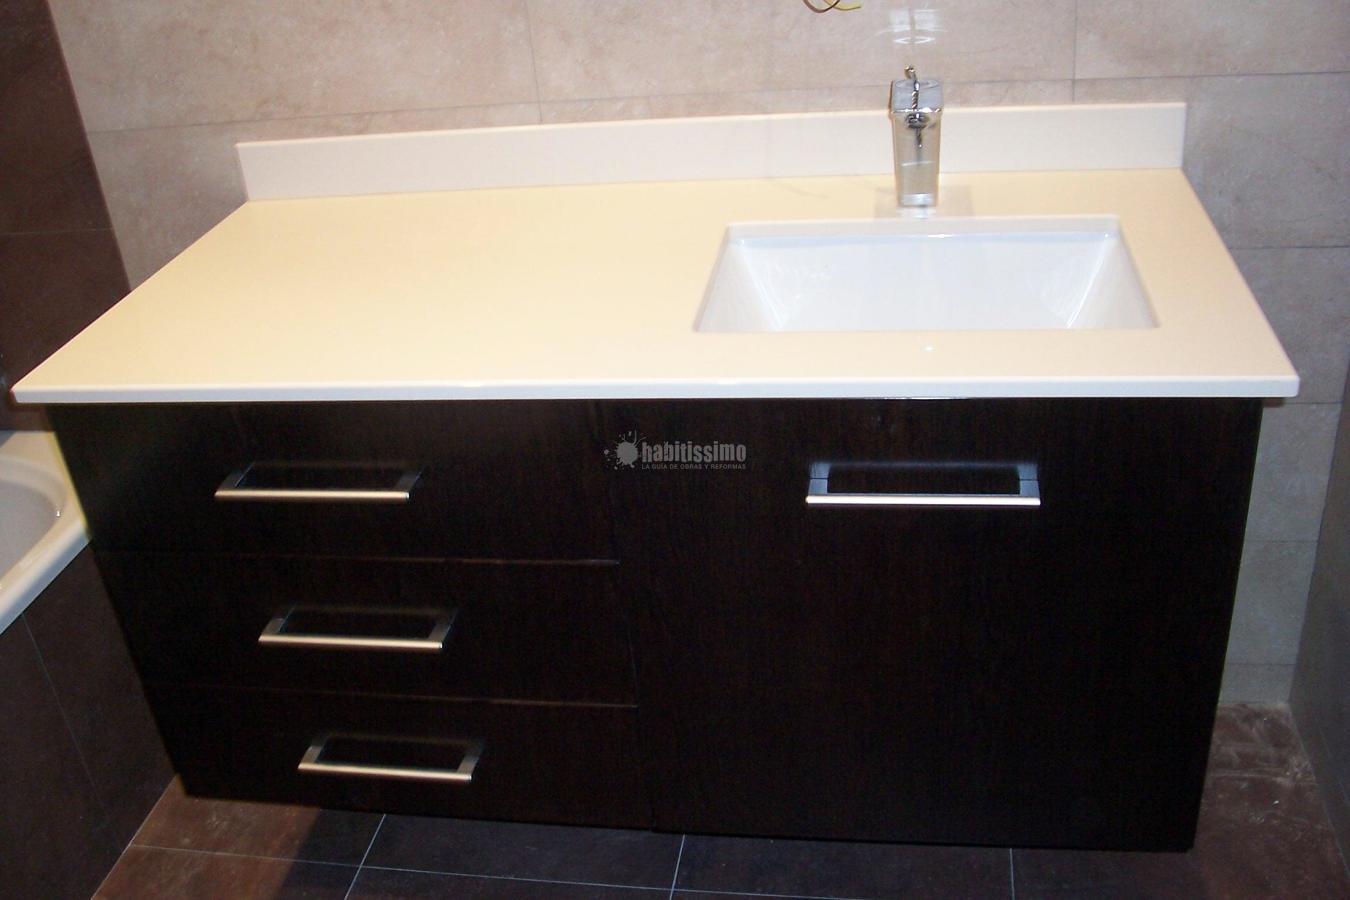 Fabricantes muebles cocina perfect mejores muebles de - Fabricantes muebles lucena ...